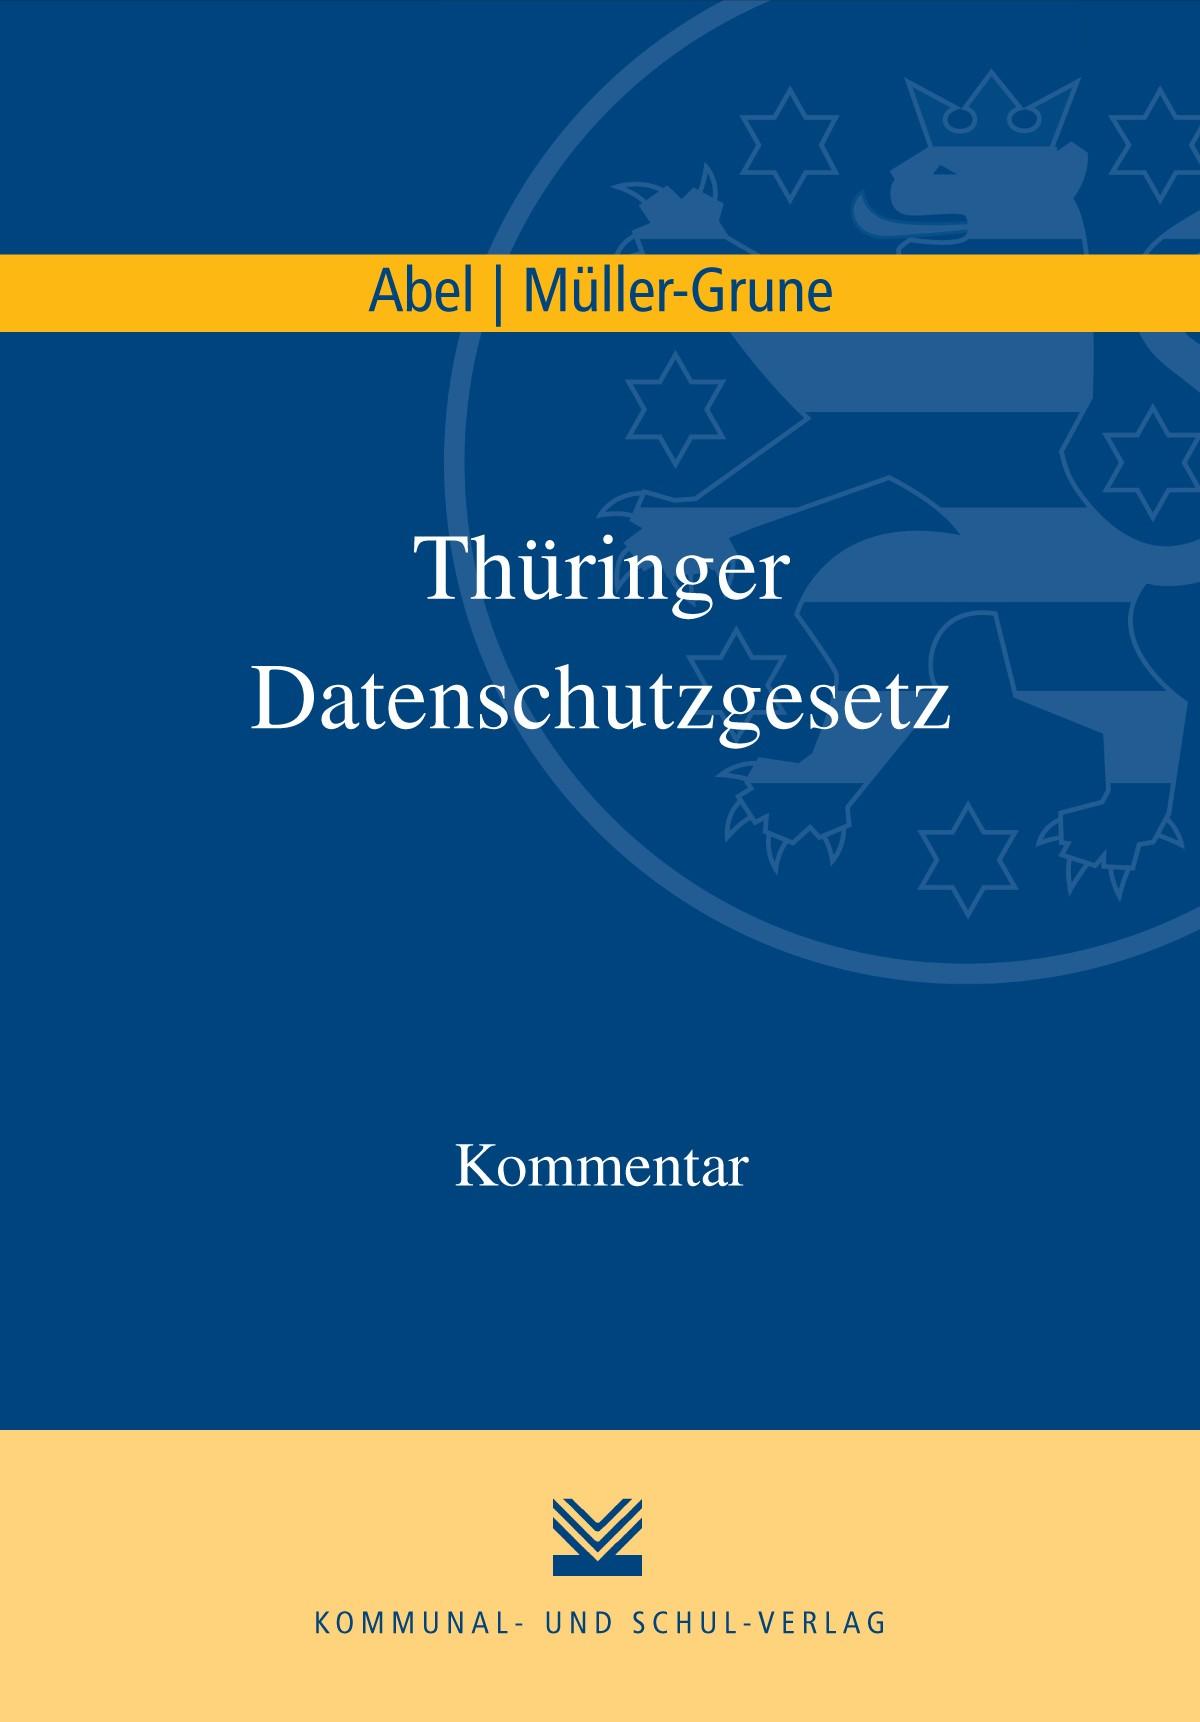 Abbildung von Abel / Müller-Grune | Thüringer Datenschutzgesetz | 2016